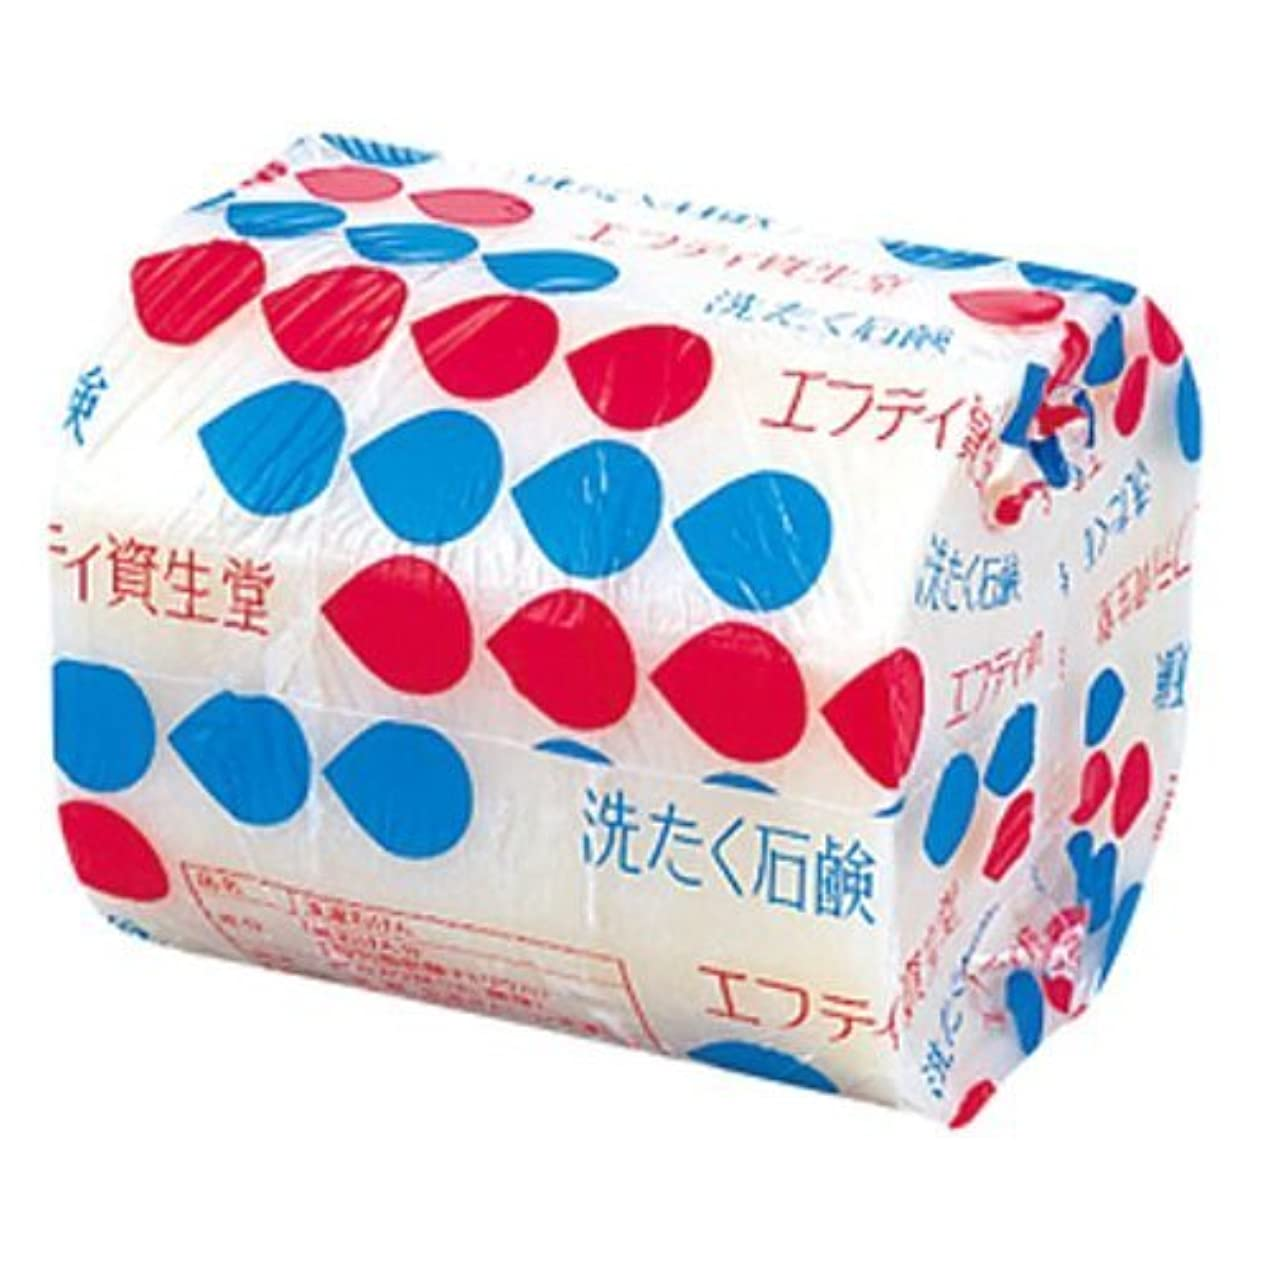 用心深い探検雑草【資生堂】エフティ資生堂洗たく石鹸花椿型3コパック200g